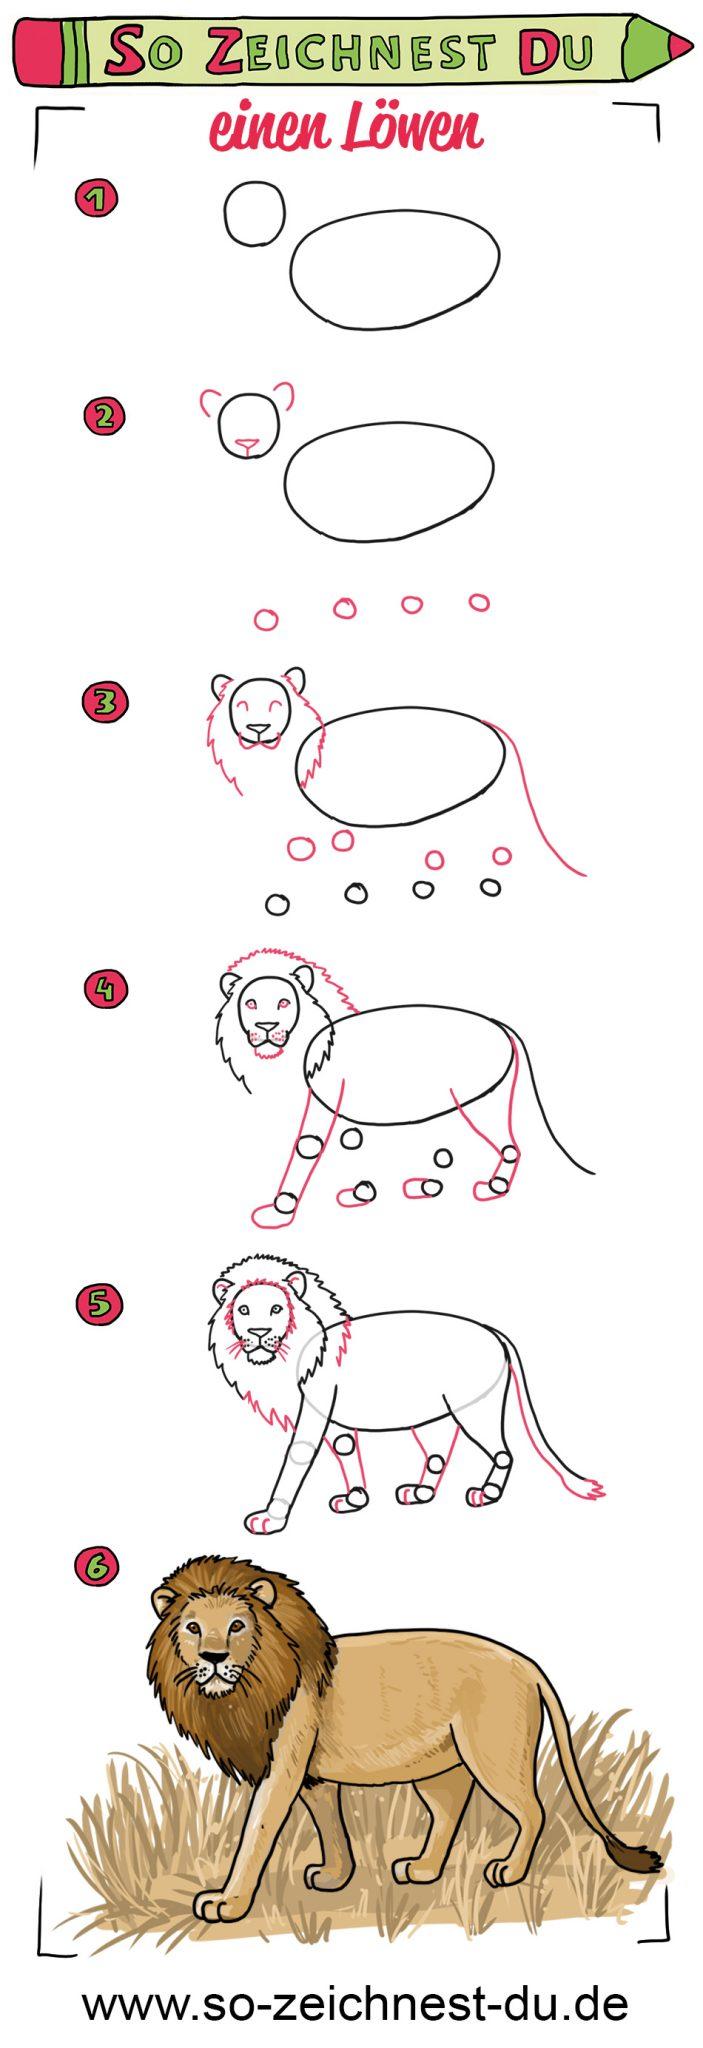 So zeichnest du einen Löwen Anleitung